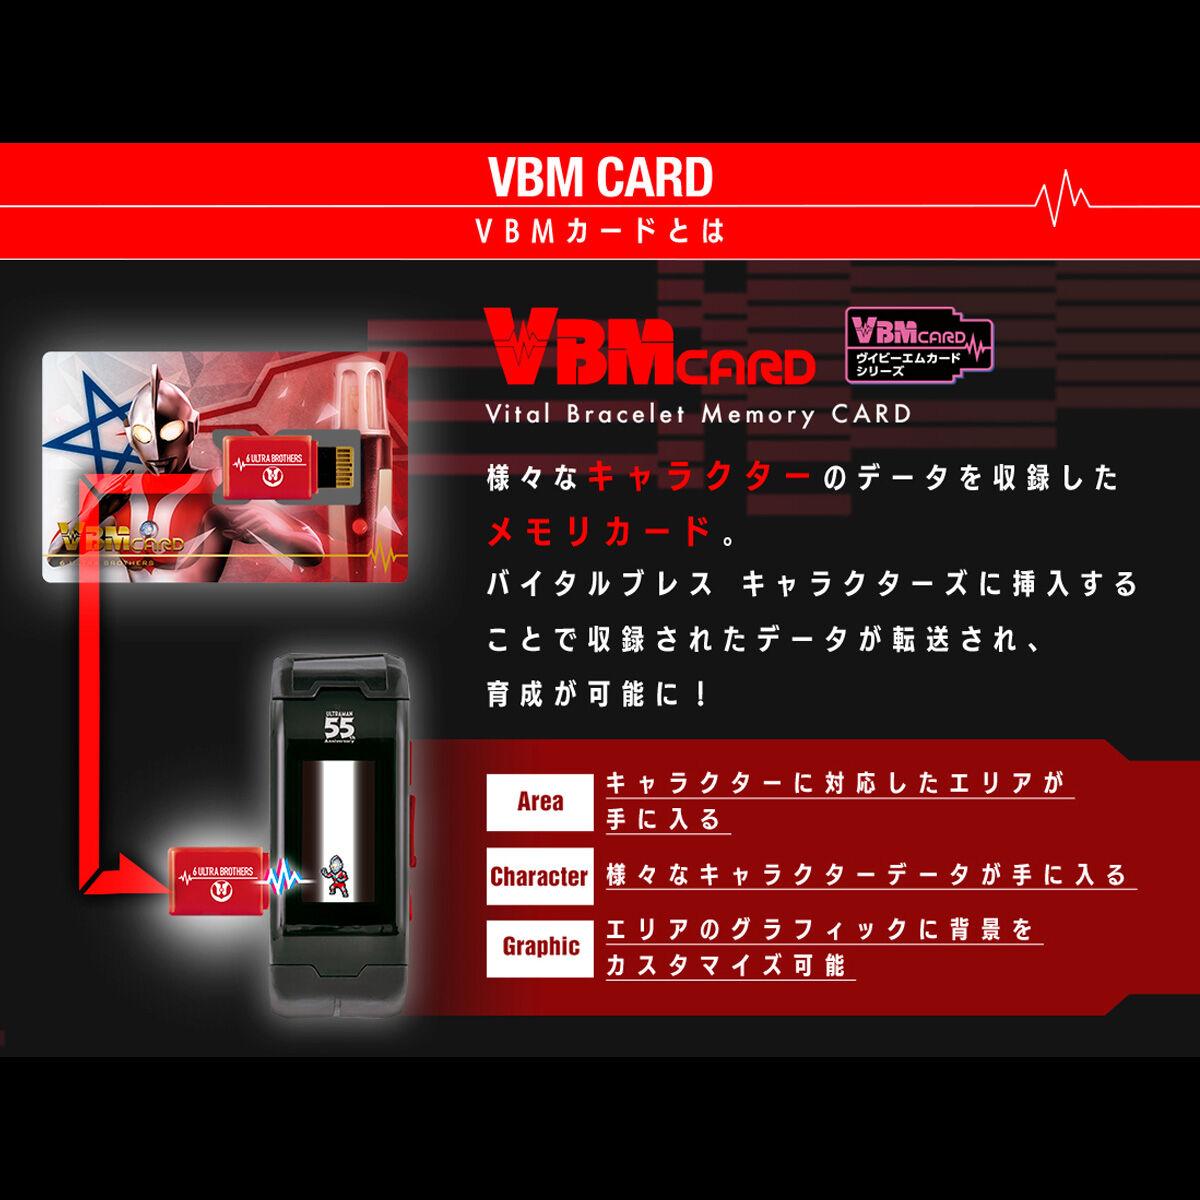 【限定販売】仮面ライダー『バイタルブレス キャラクターズ ウルトラマン55thエディション』ウェアラブル液晶玩具-004